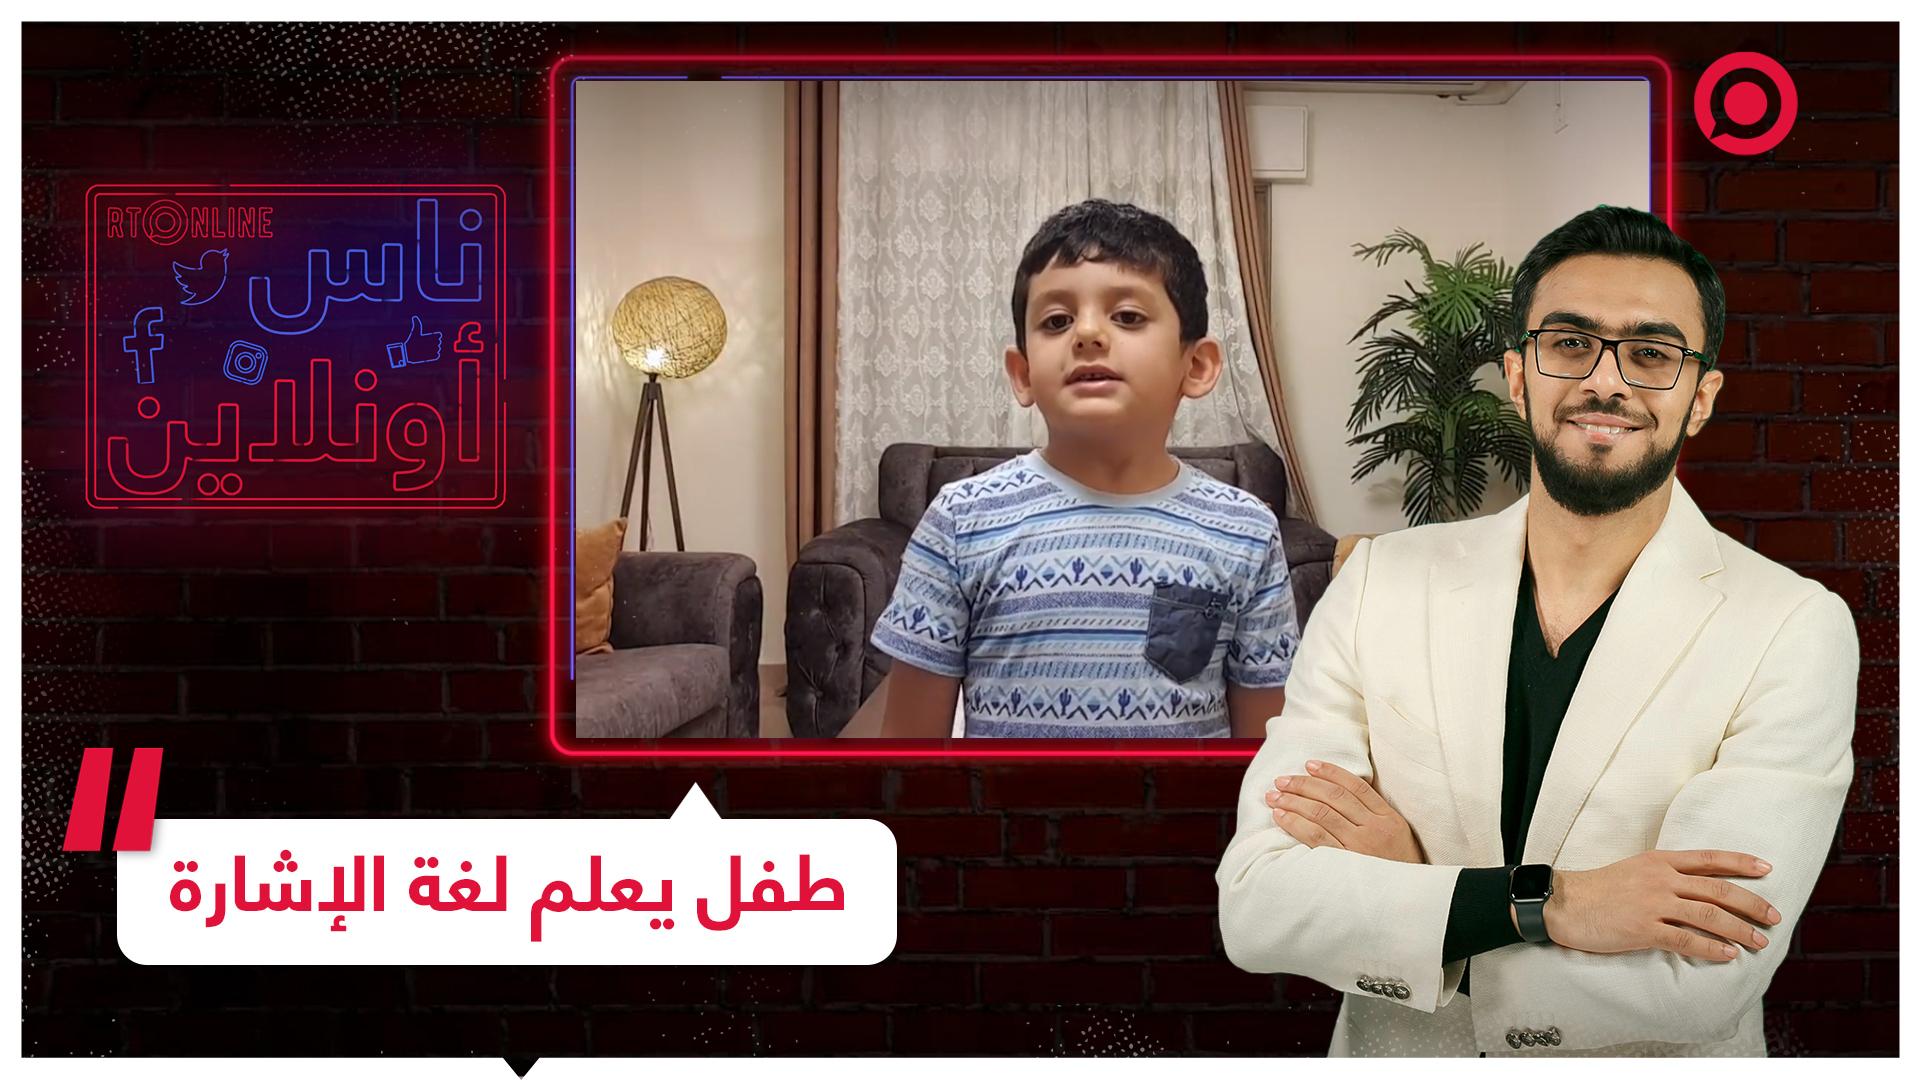 عمره 5 أعوام وهو معلم بارع للغة الإشارة!